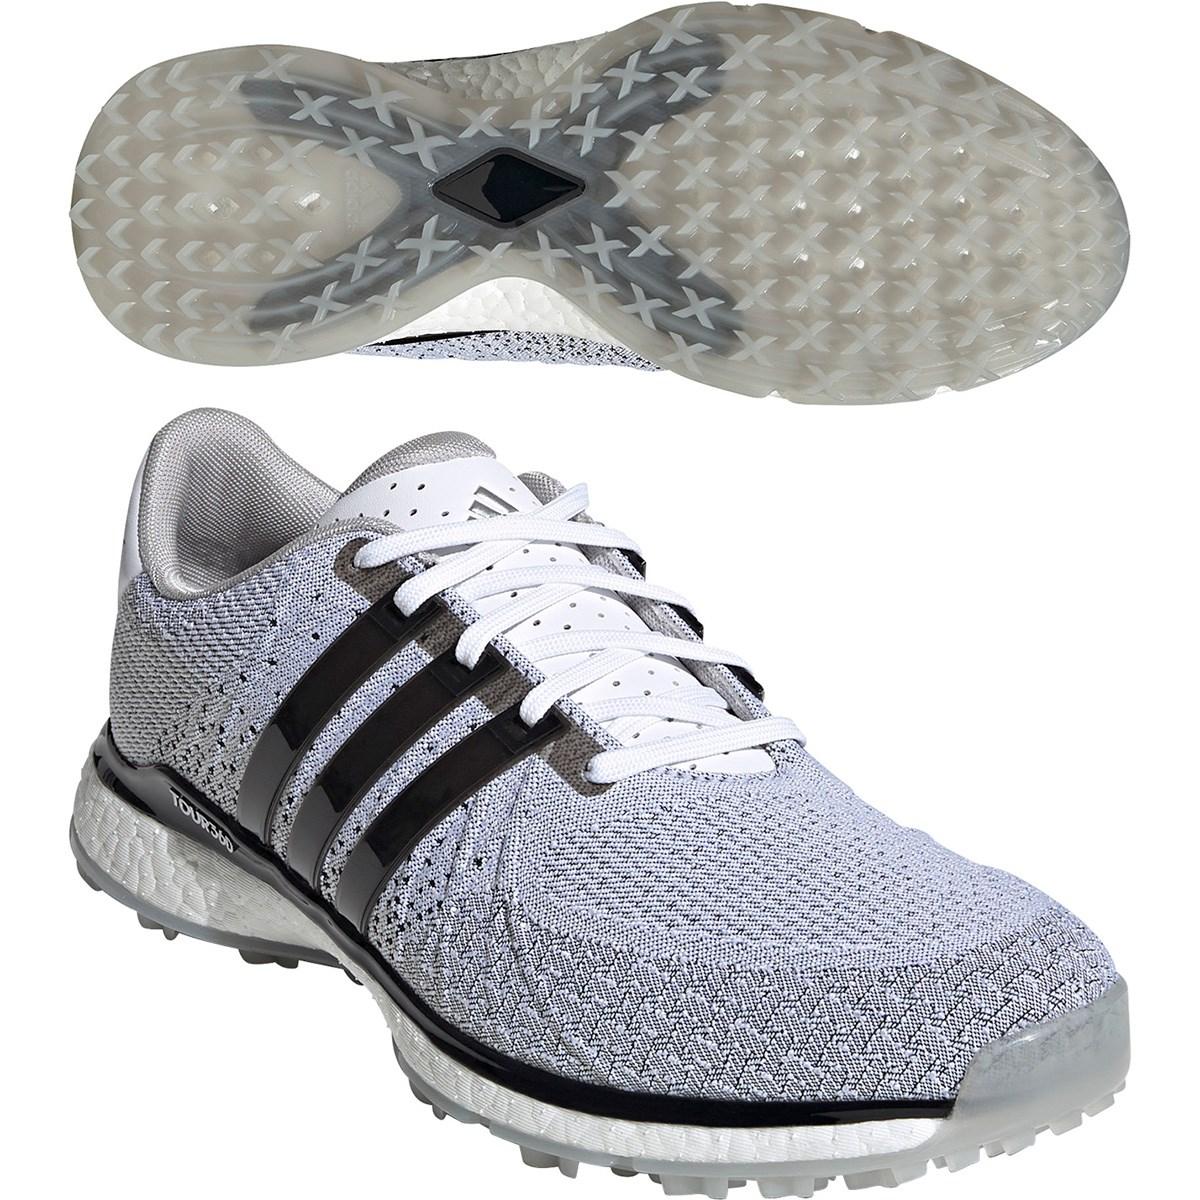 アディダス Adidas ツアー360 XT-SL テキスタイル シューズ 26cm ホワイト/コアブラック/グレートゥー